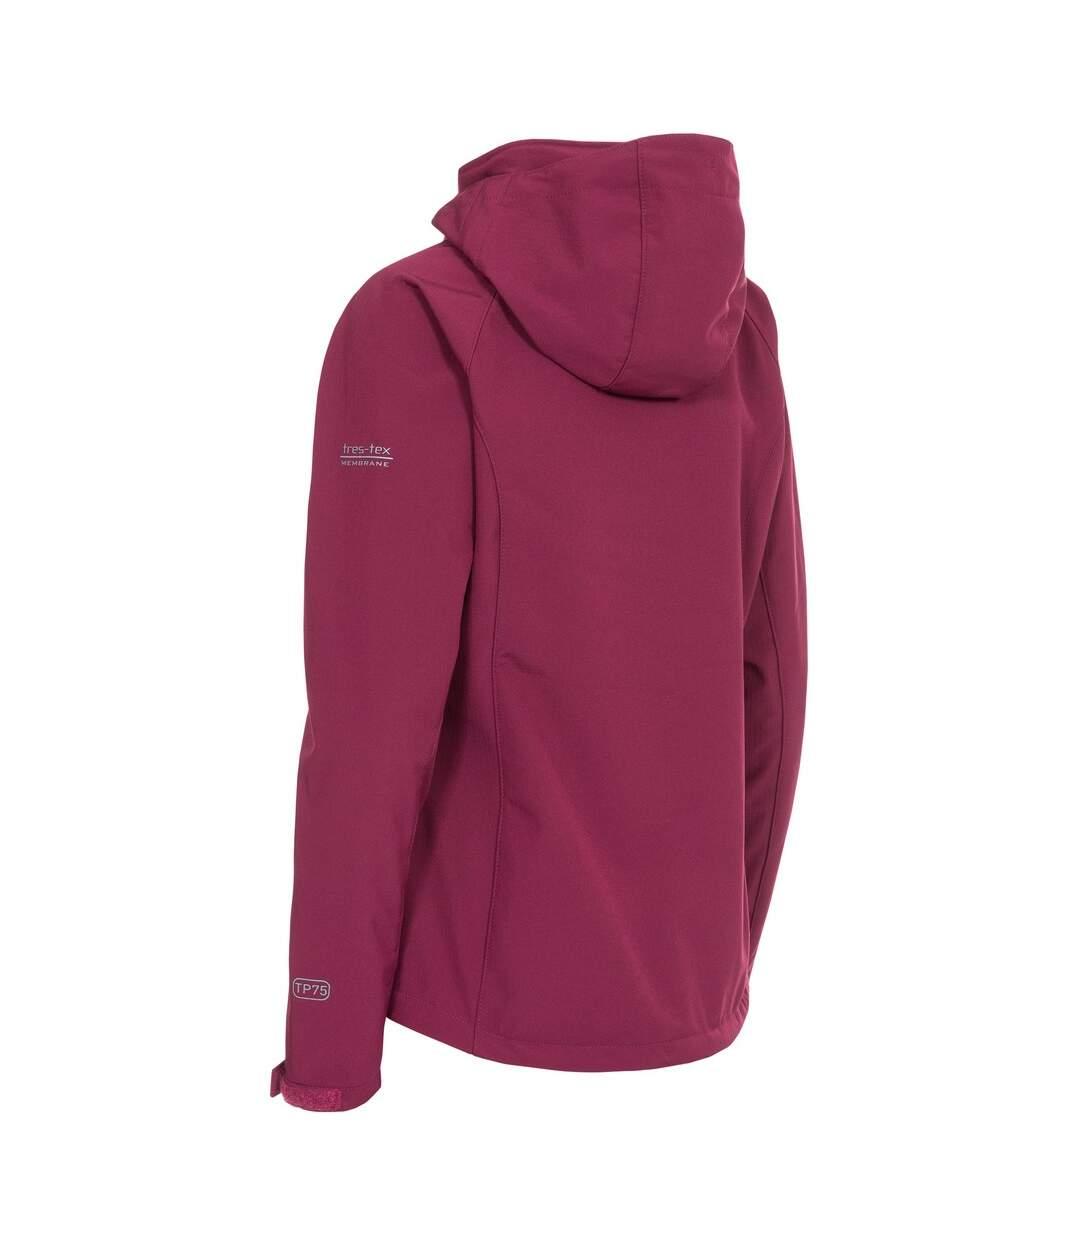 Trespass Womens/Ladies Bela II Waterproof Softshell Jacket (Pink Lady) - UTTP3440